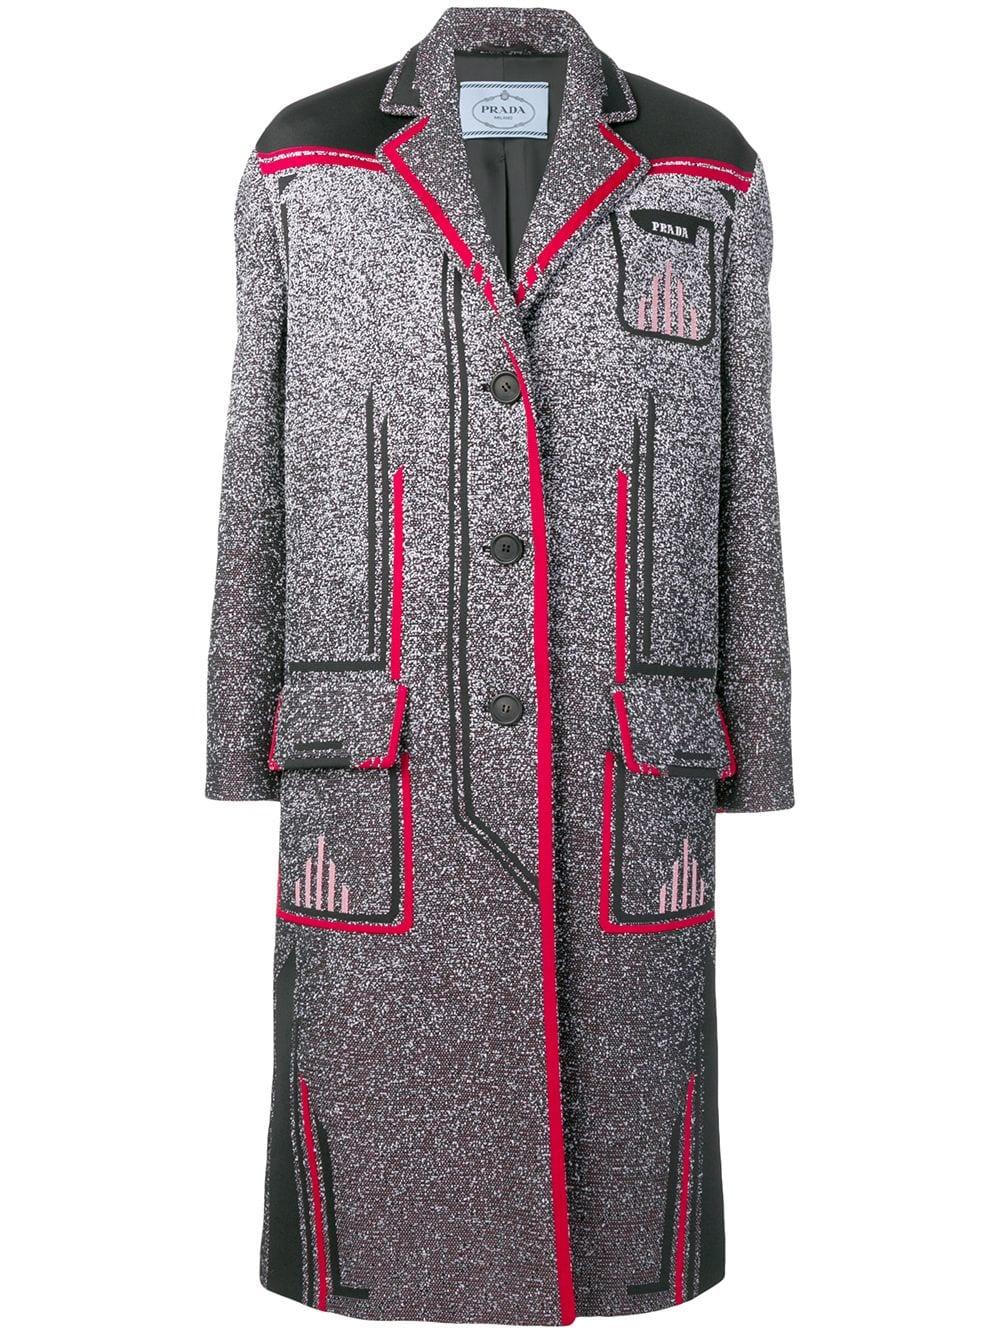 Prada Mid Length Coat Farfetch Fall Fashion Coats Womens Fall Coats Autumn Fashion [ 1334 x 1000 Pixel ]